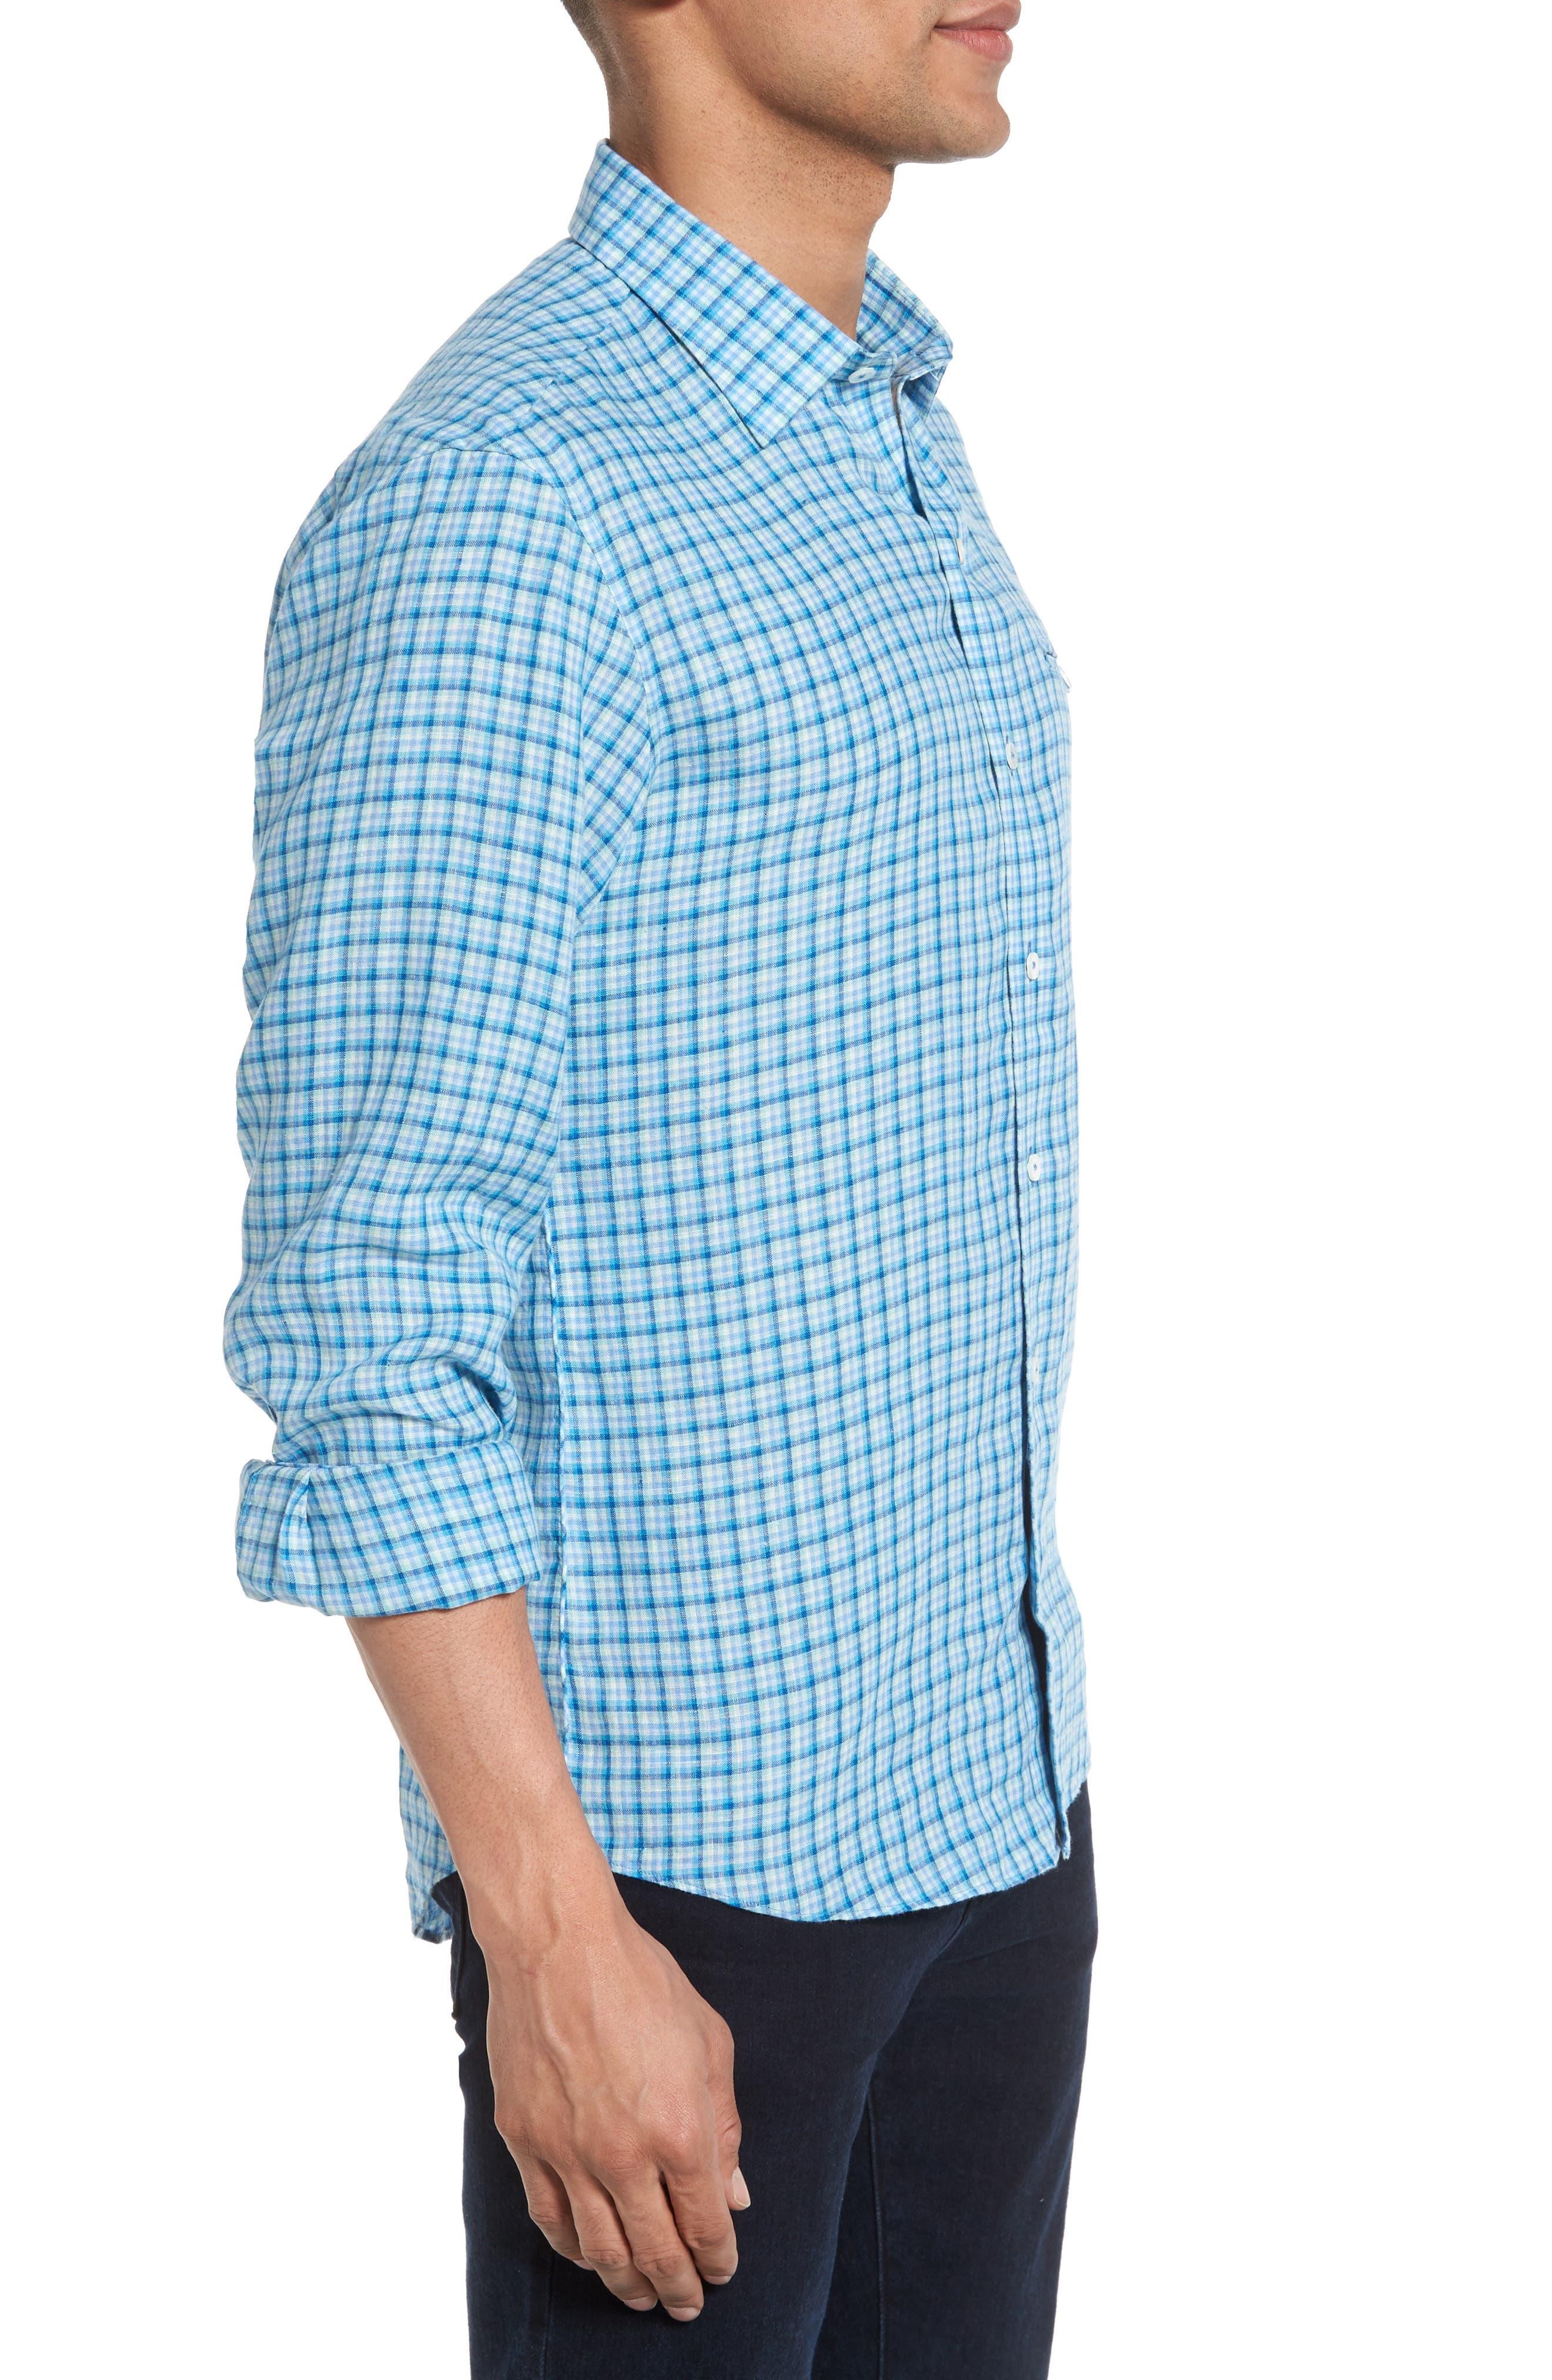 Althoff Plaid Linen Sport Shirt,                             Alternate thumbnail 5, color,